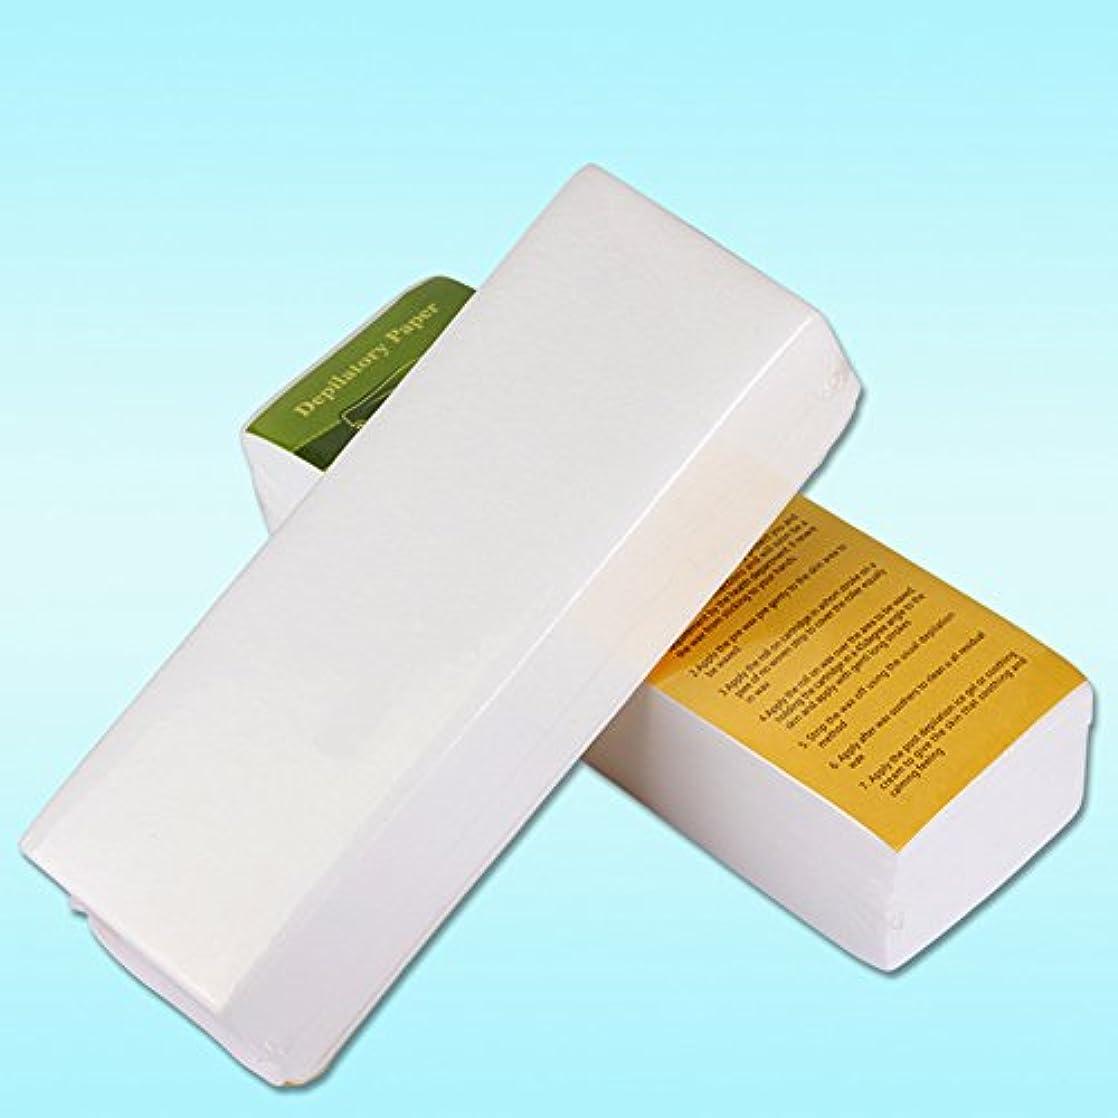 持つ長方形くぼみRabugoo 100個/セット使い捨て不織布ティッシュシェービング脱毛蜜蝋脱毛紙